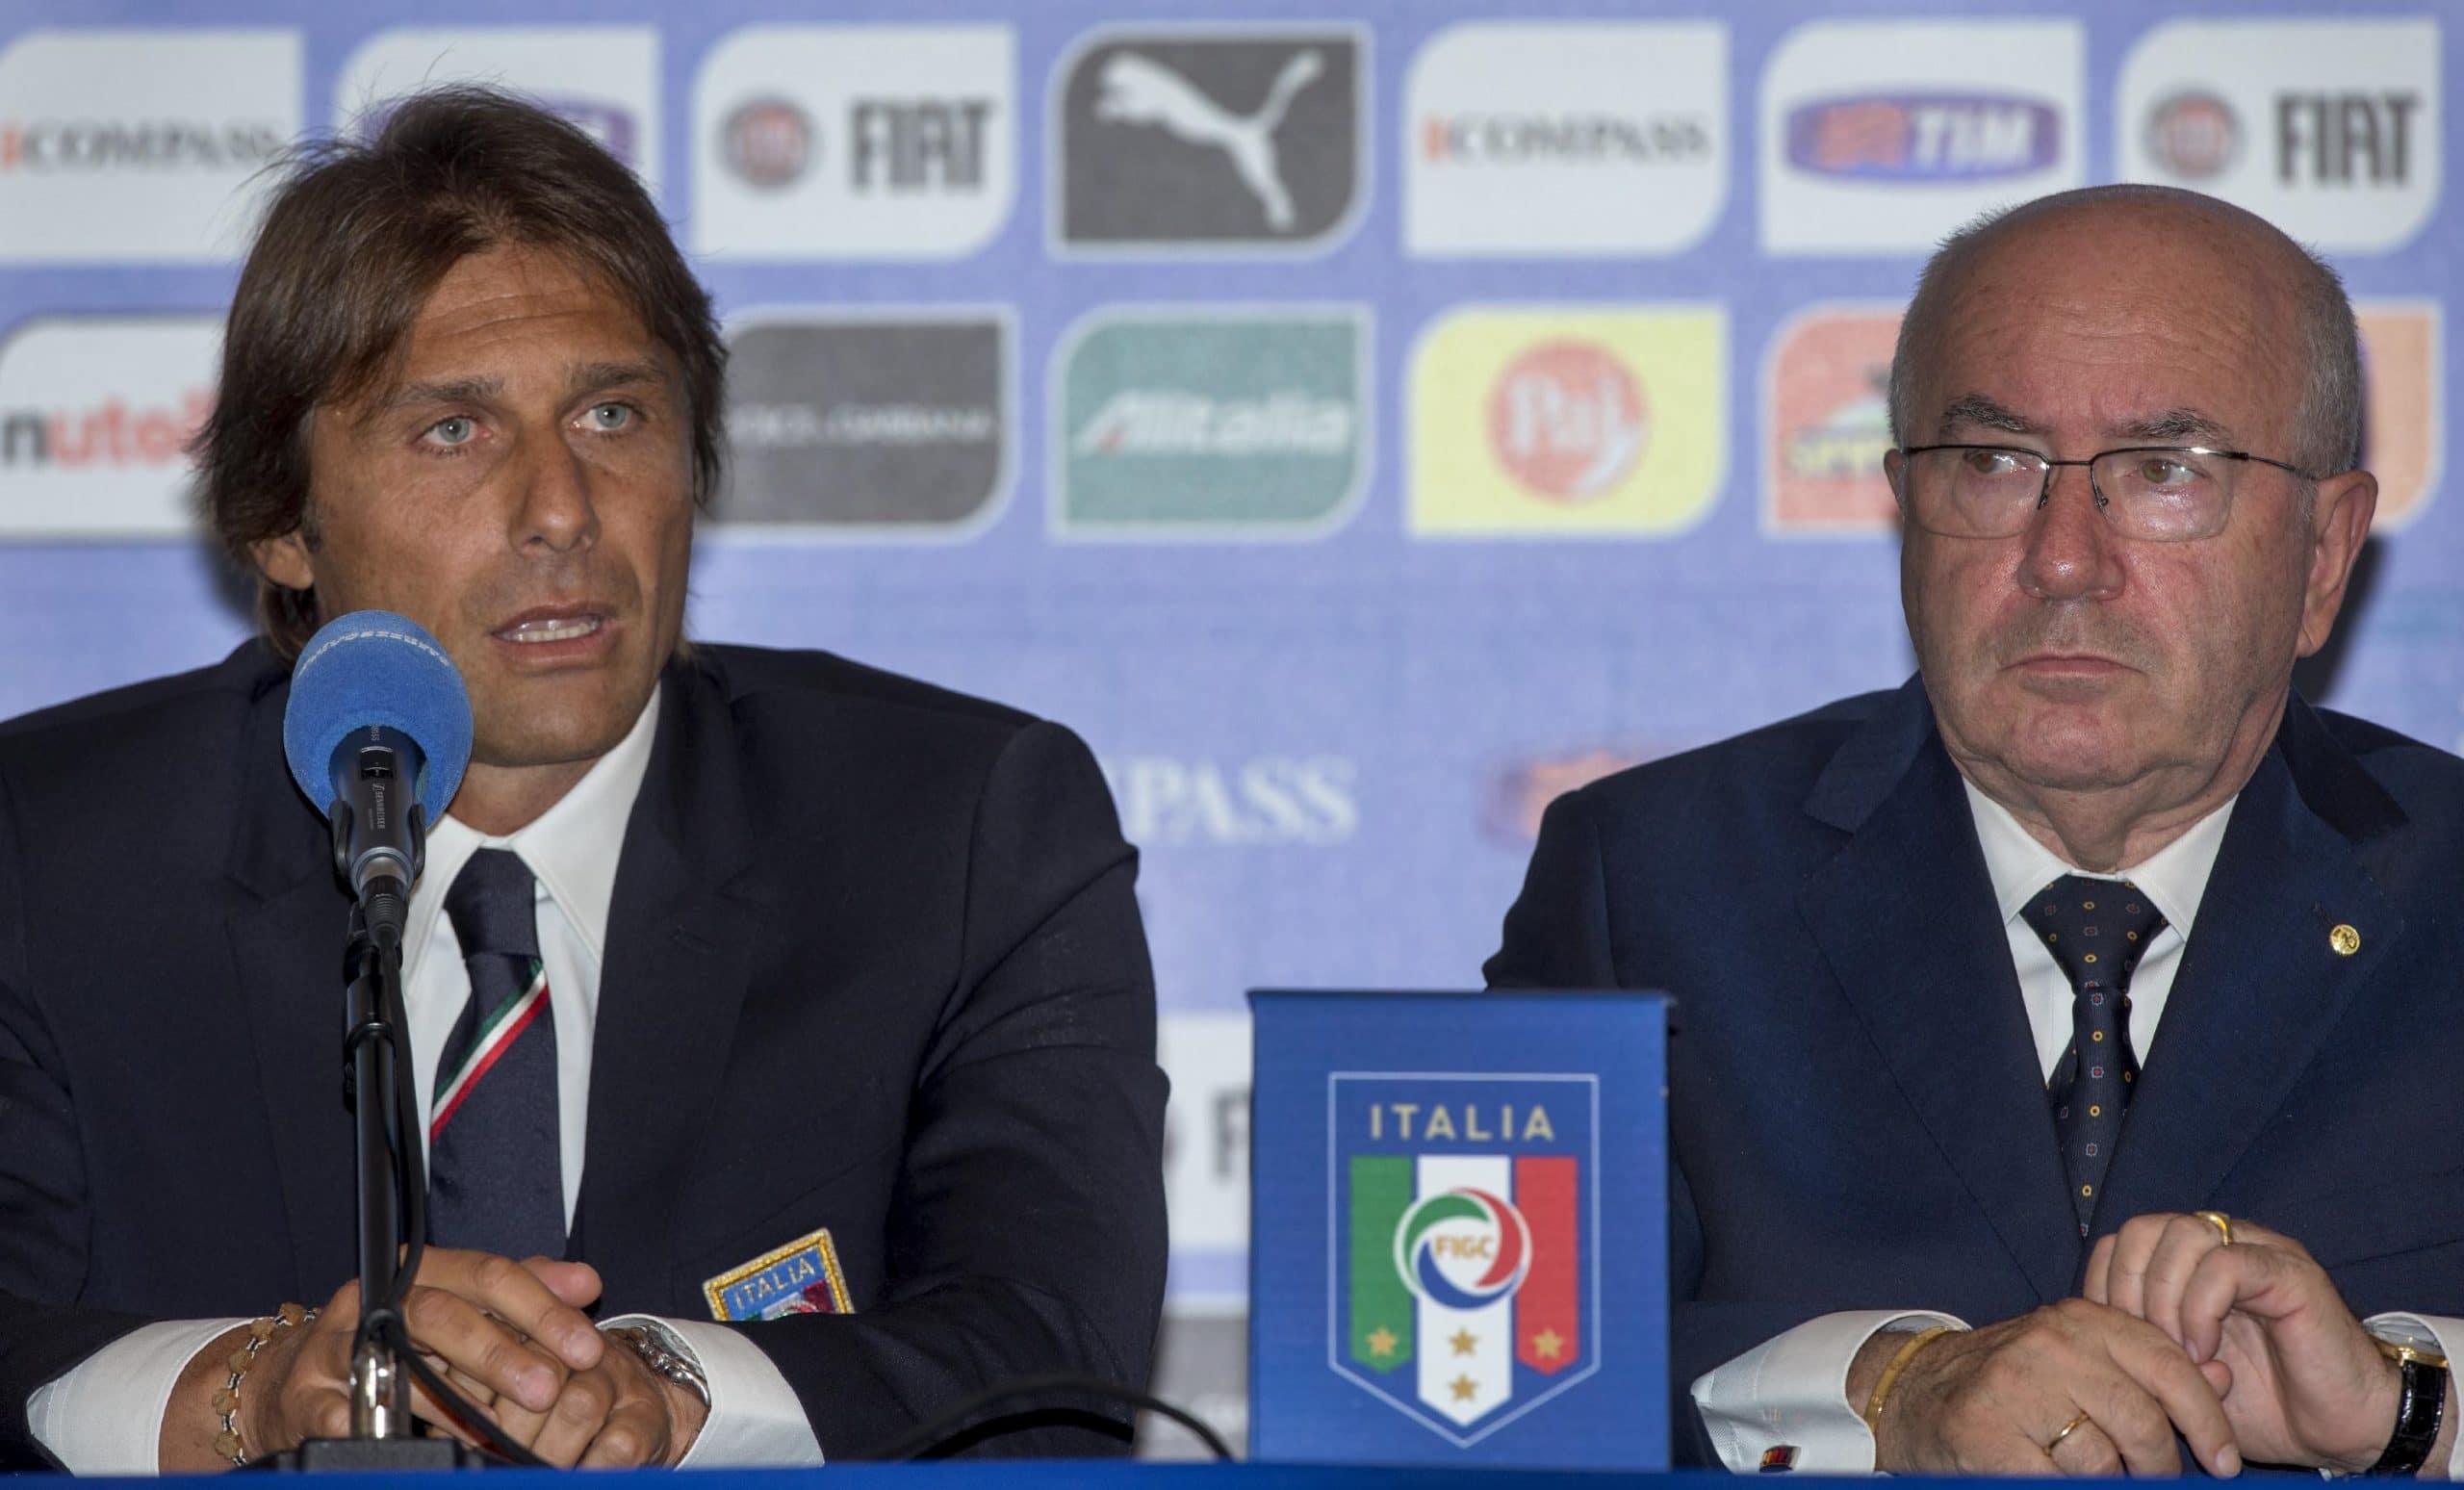 Calcioscommesse: FIGC parte lesa, per Conte rito abbreviato